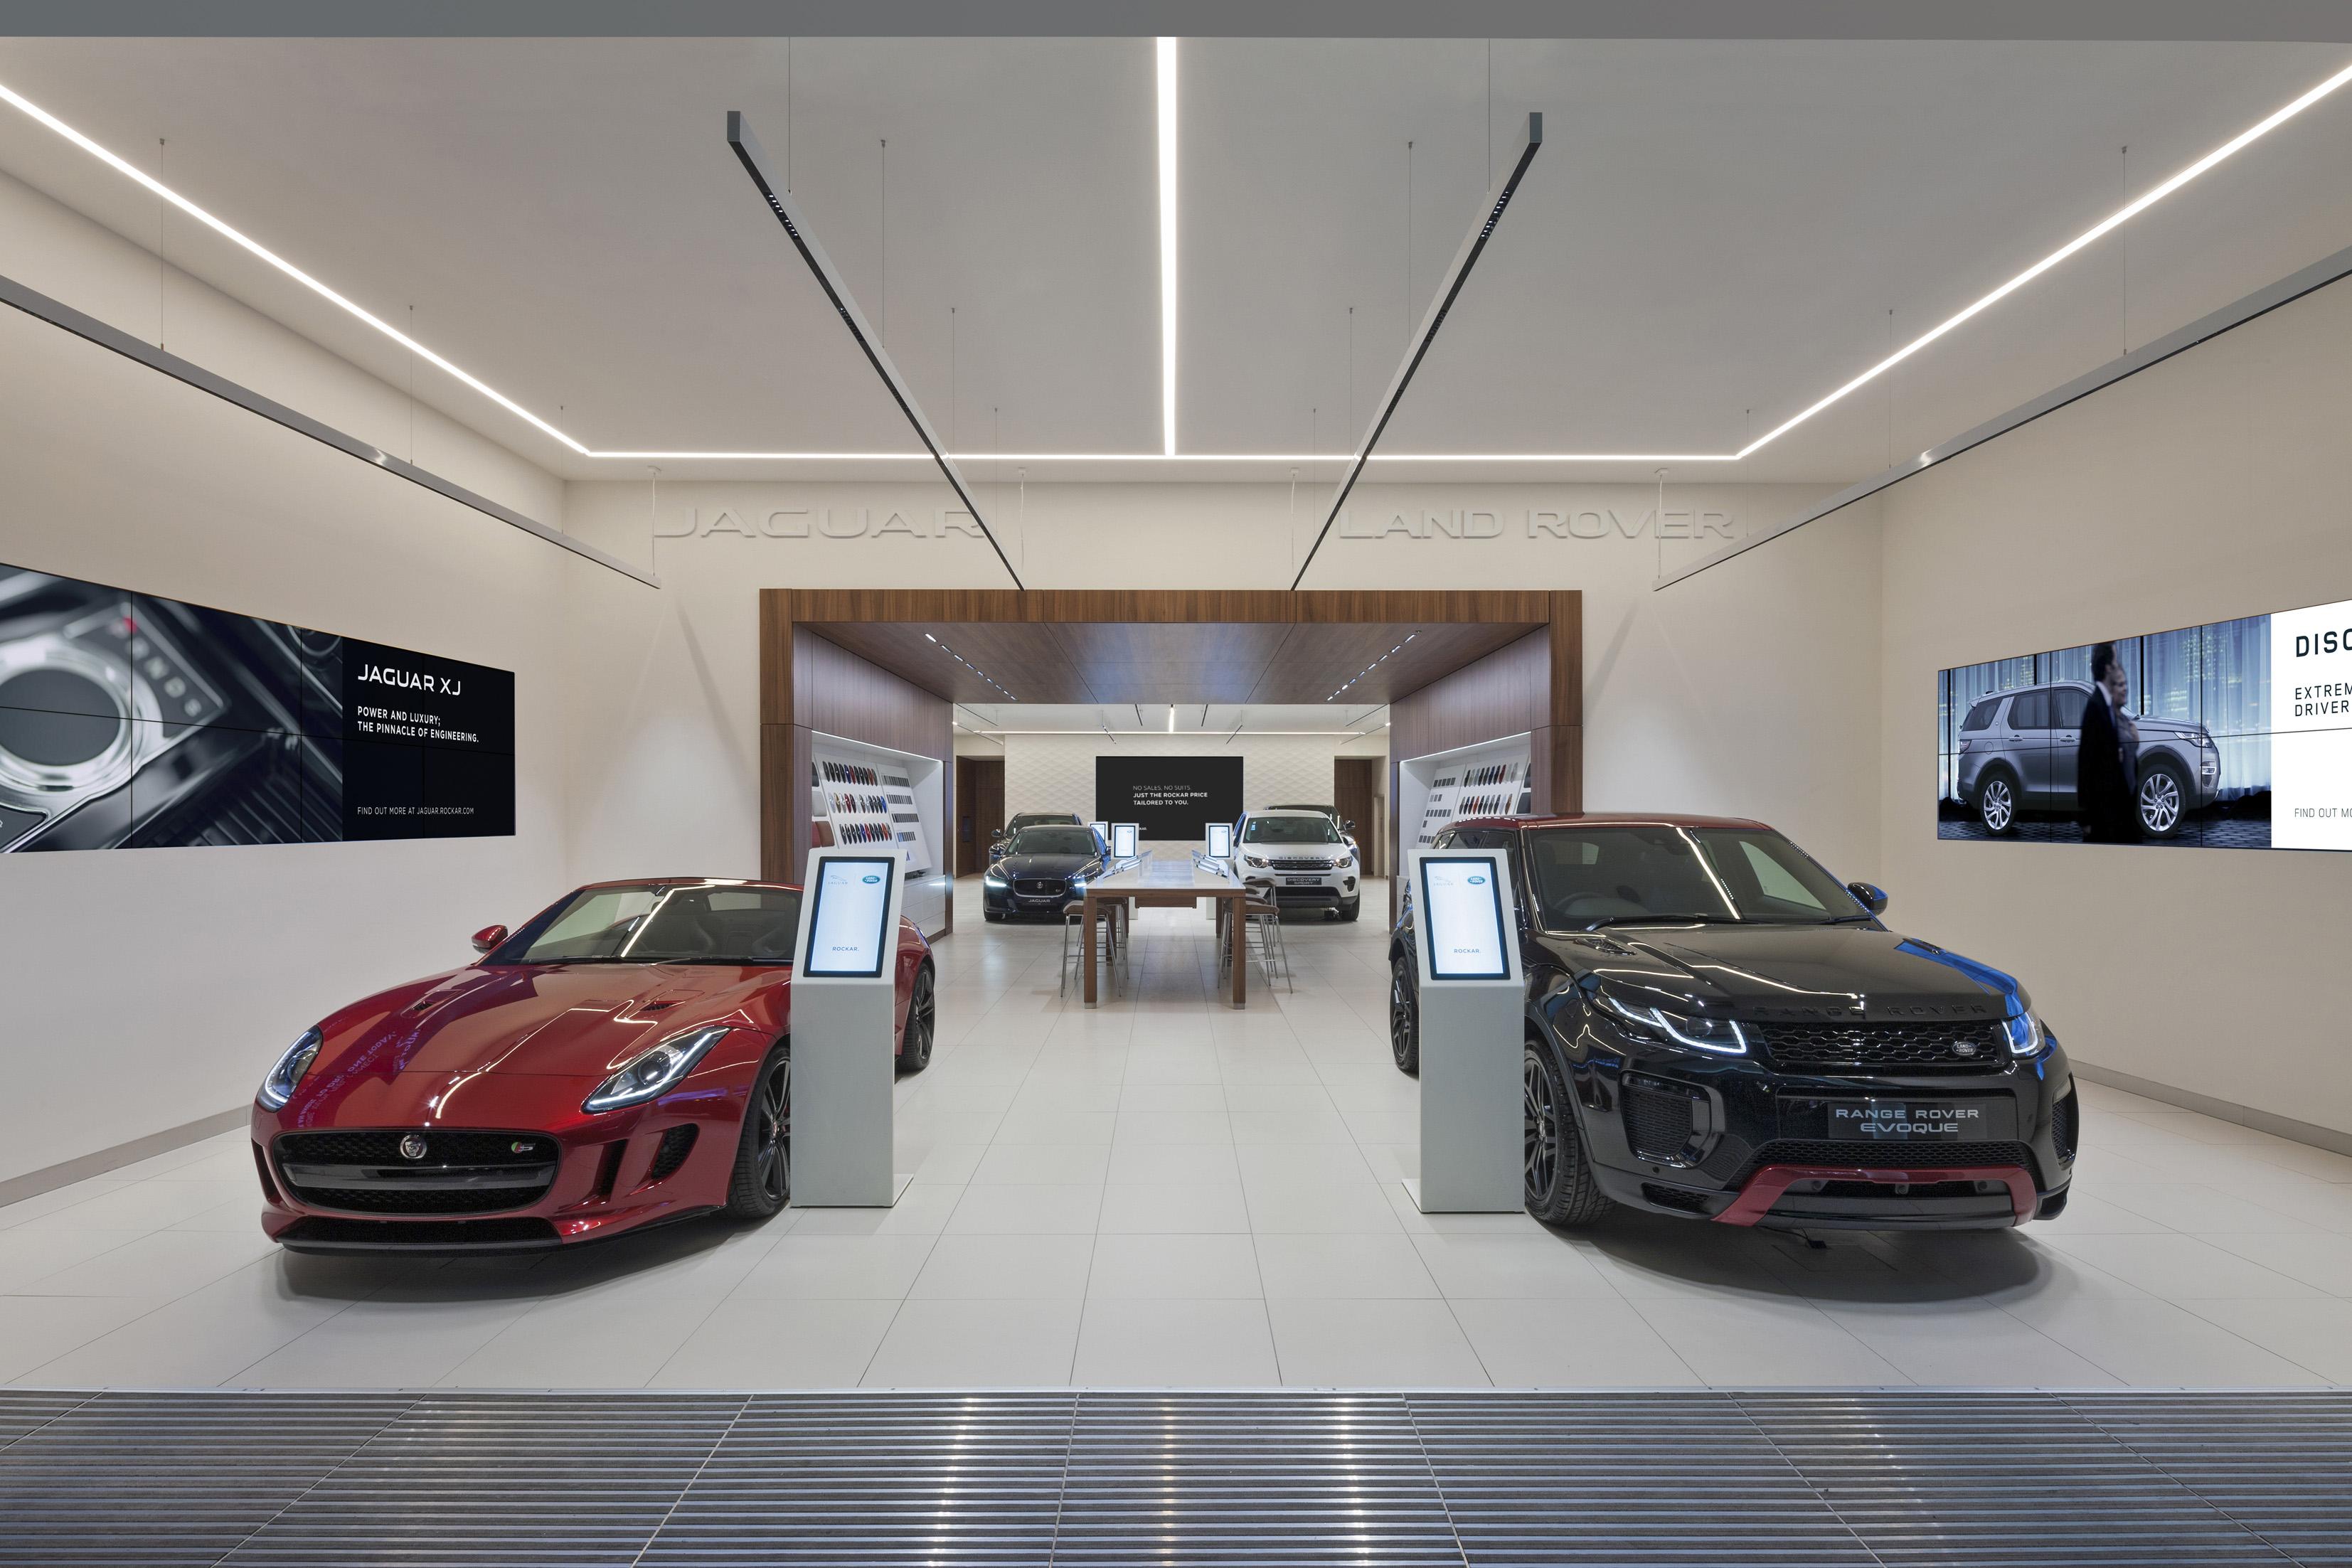 Jaguar Land Rover Launches Shopping Centre Retail Concept Design Week